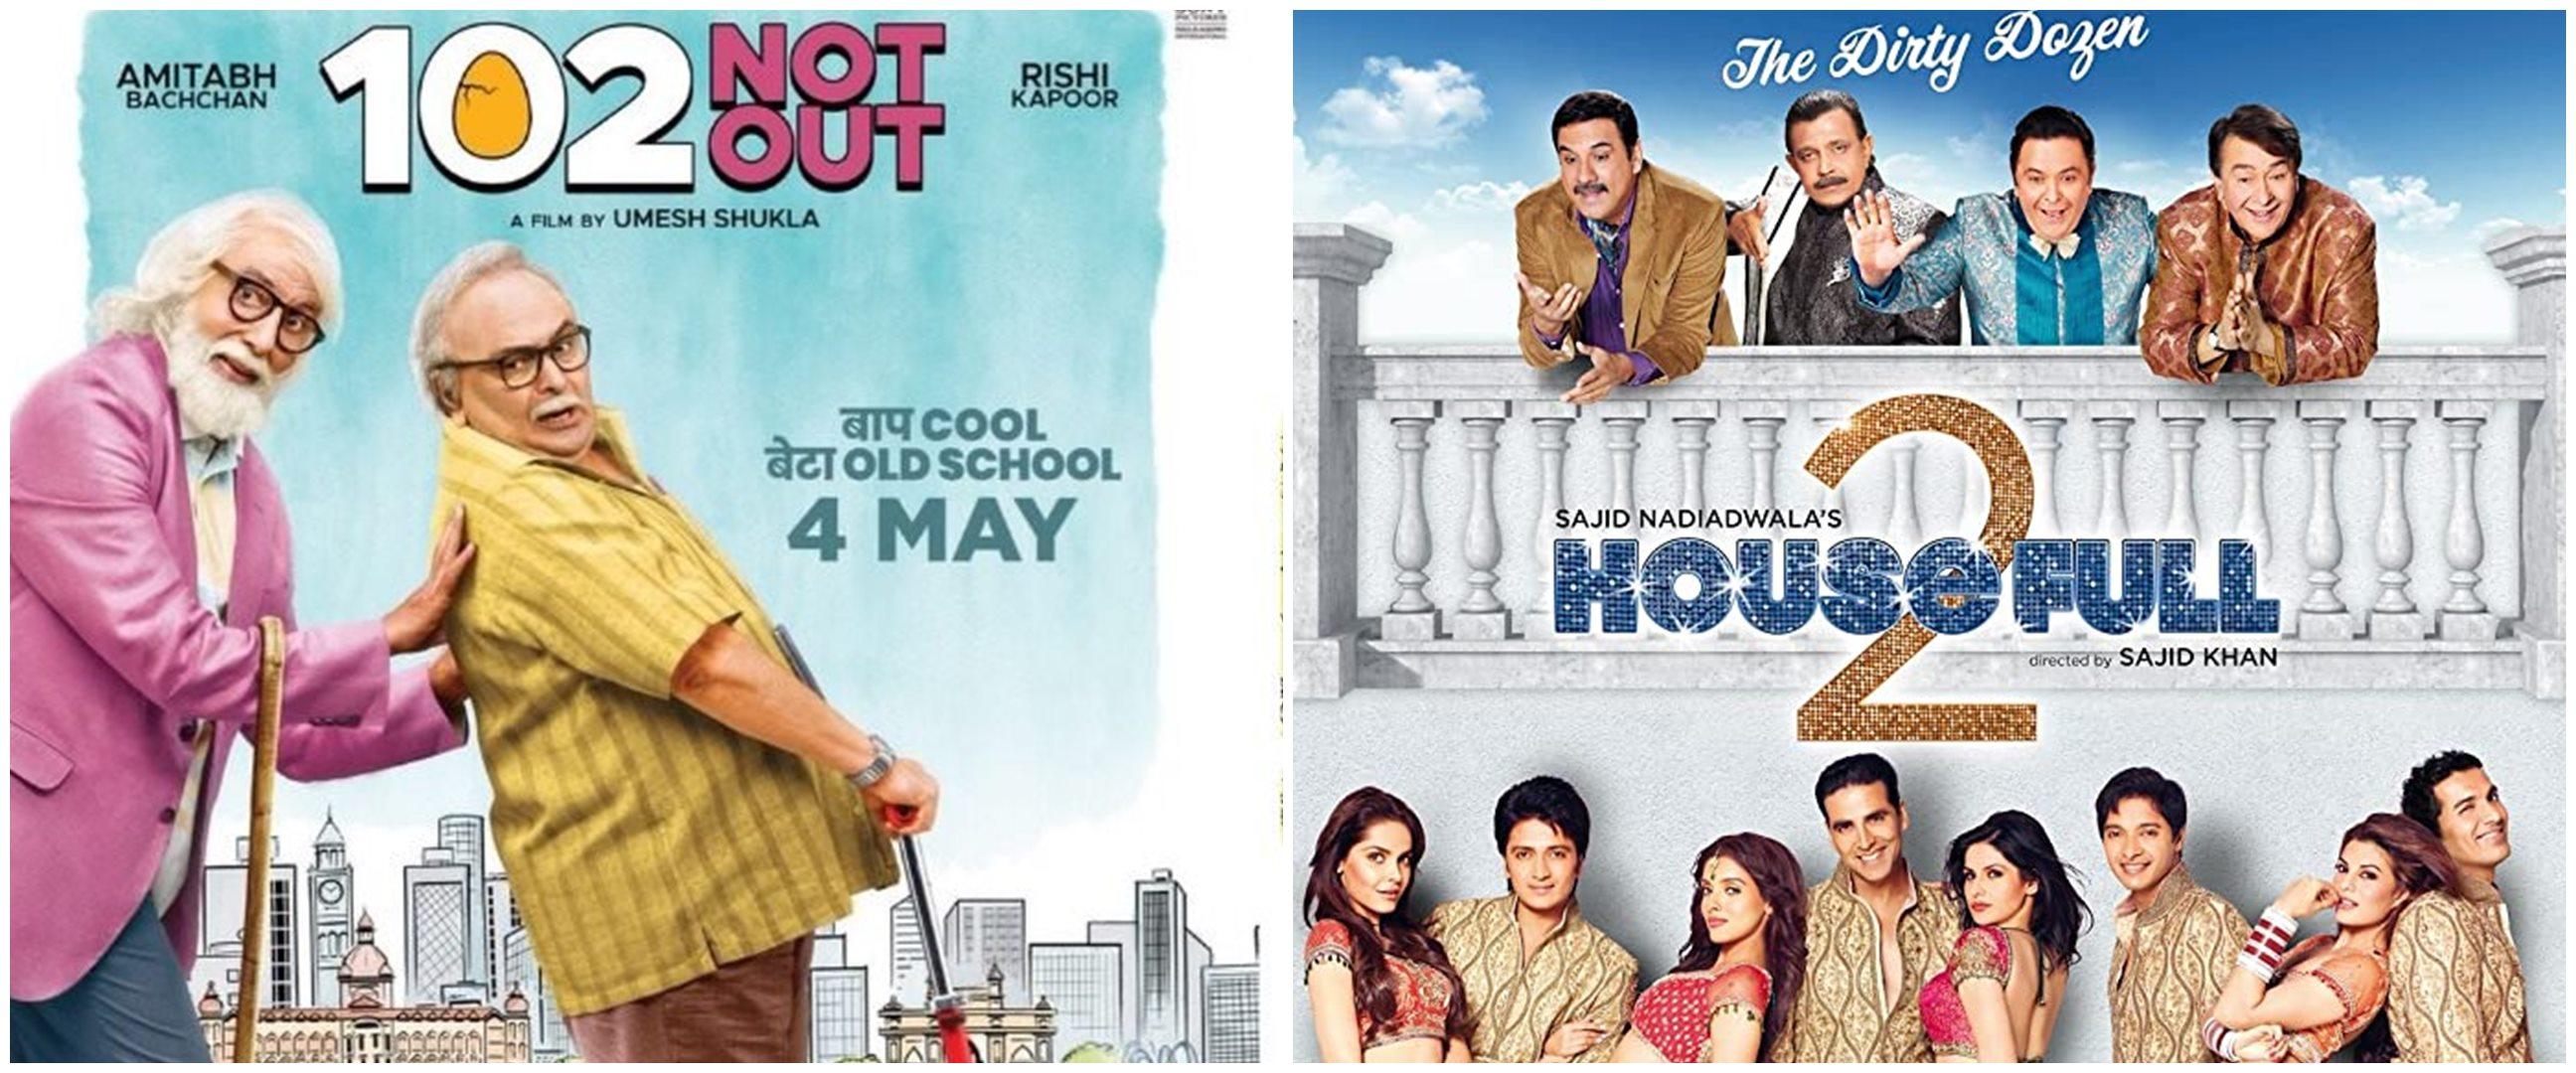 8 Film India terpopuler dibintangi Rishi Kapoor, ada 102 Not Out